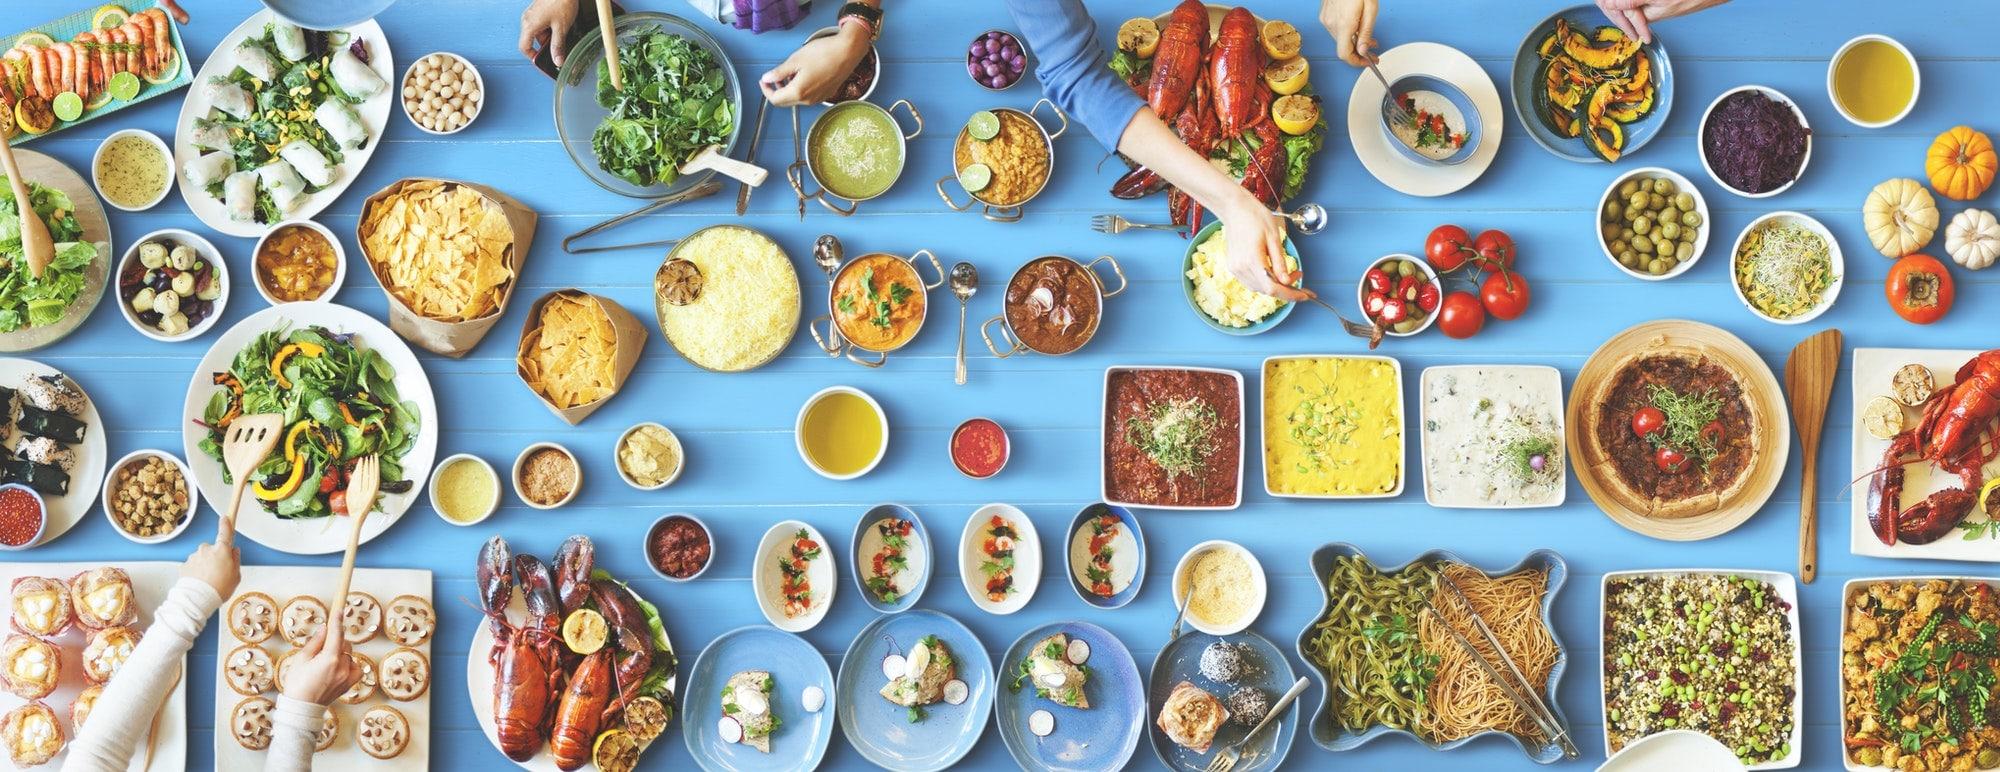 buffet de plats paléo